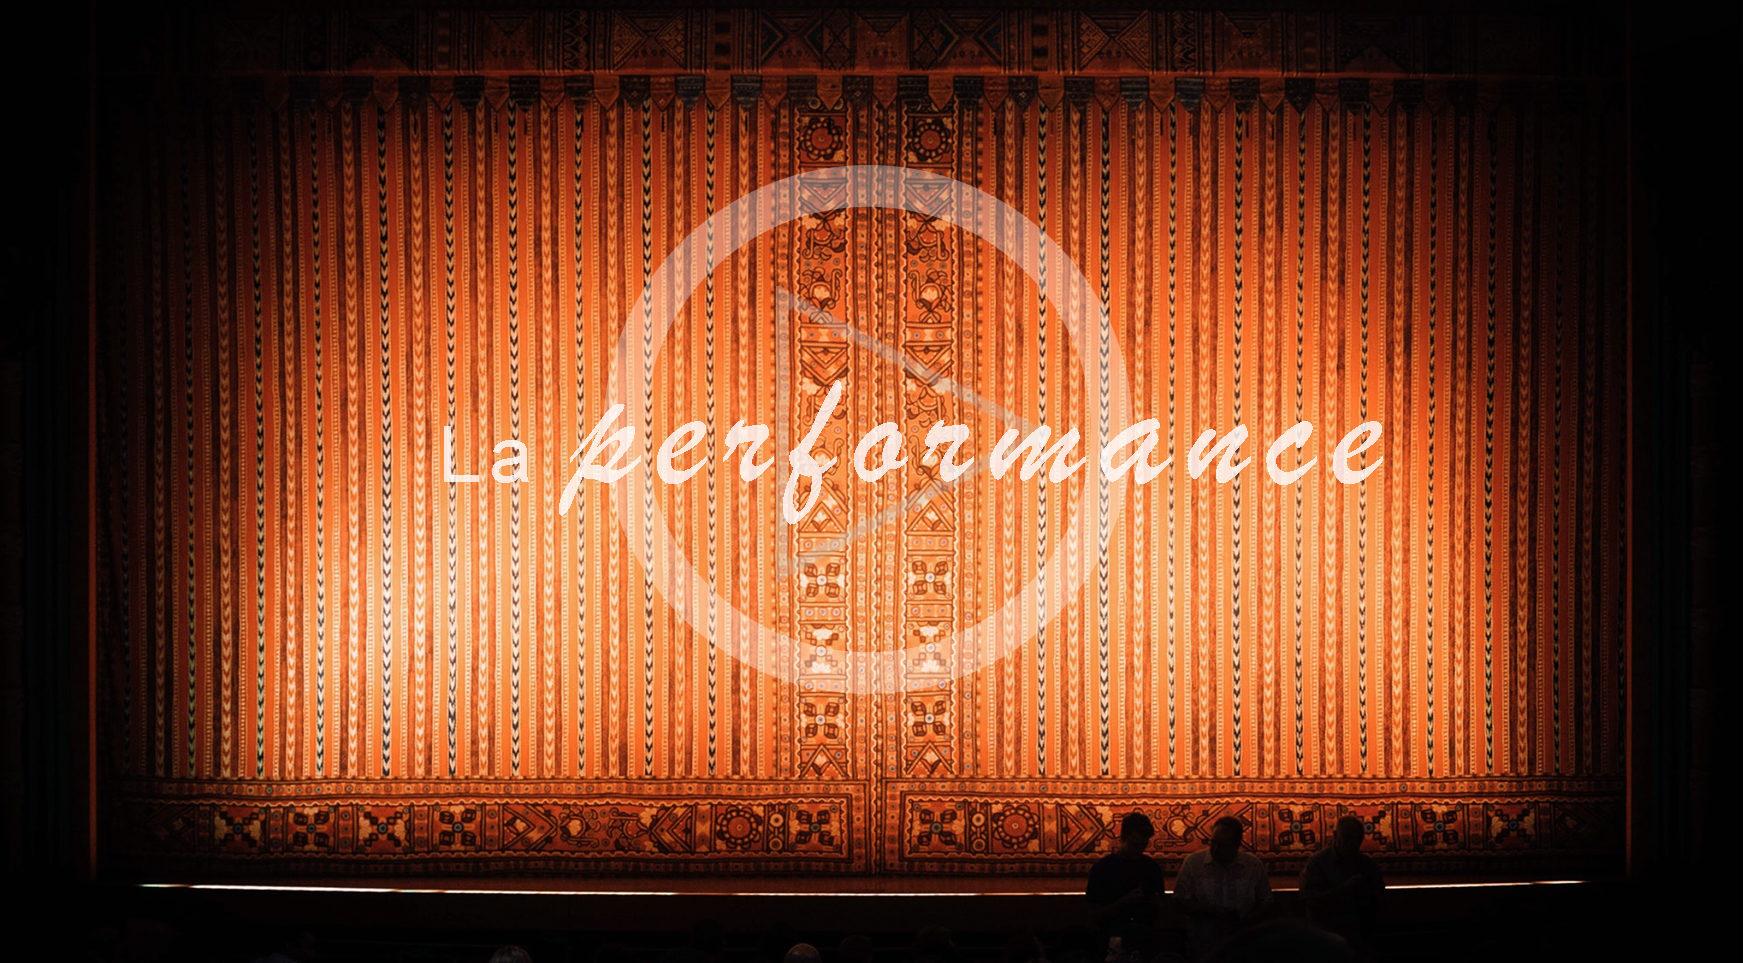 Rideau de théâtre : la performance